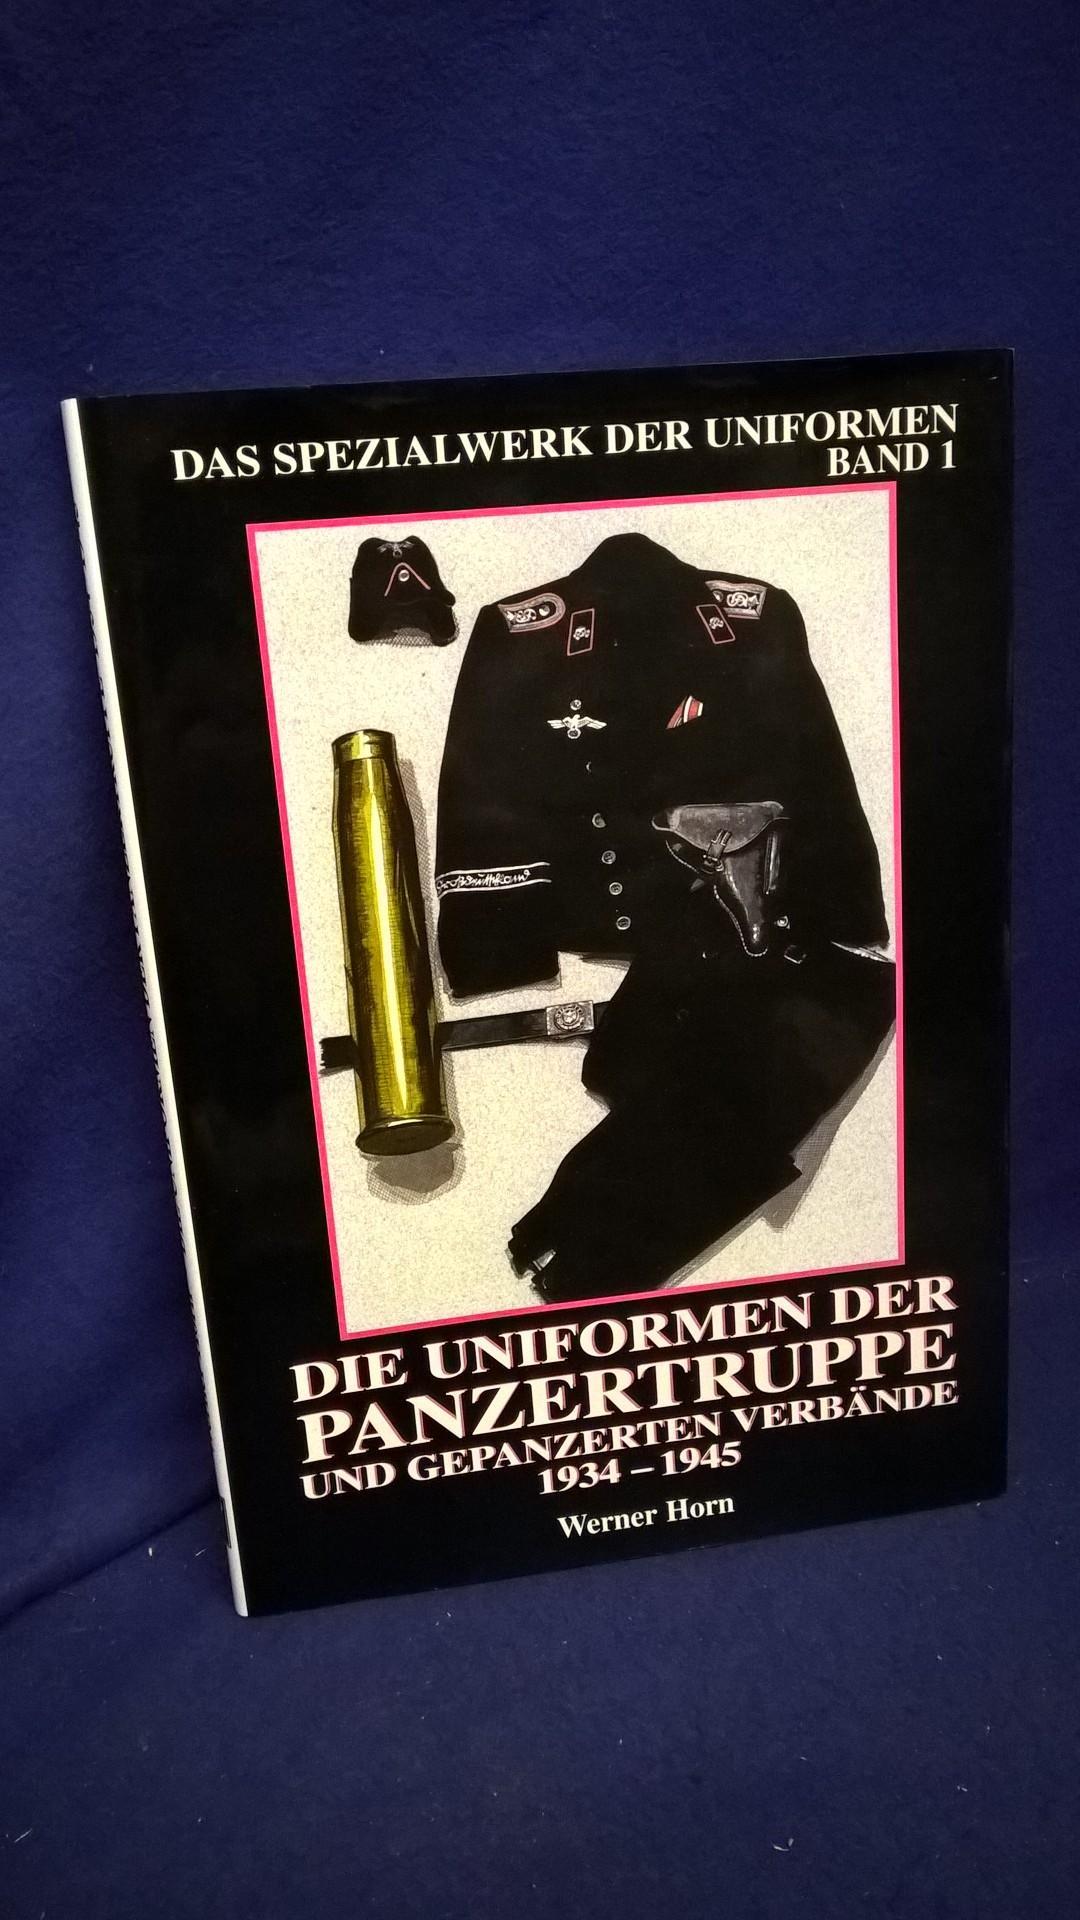 Das Spezialwerk der Uniformen, Band 1: Die Uniformen der Panzertruppe und gepanzerter Verbände 1934-1945.